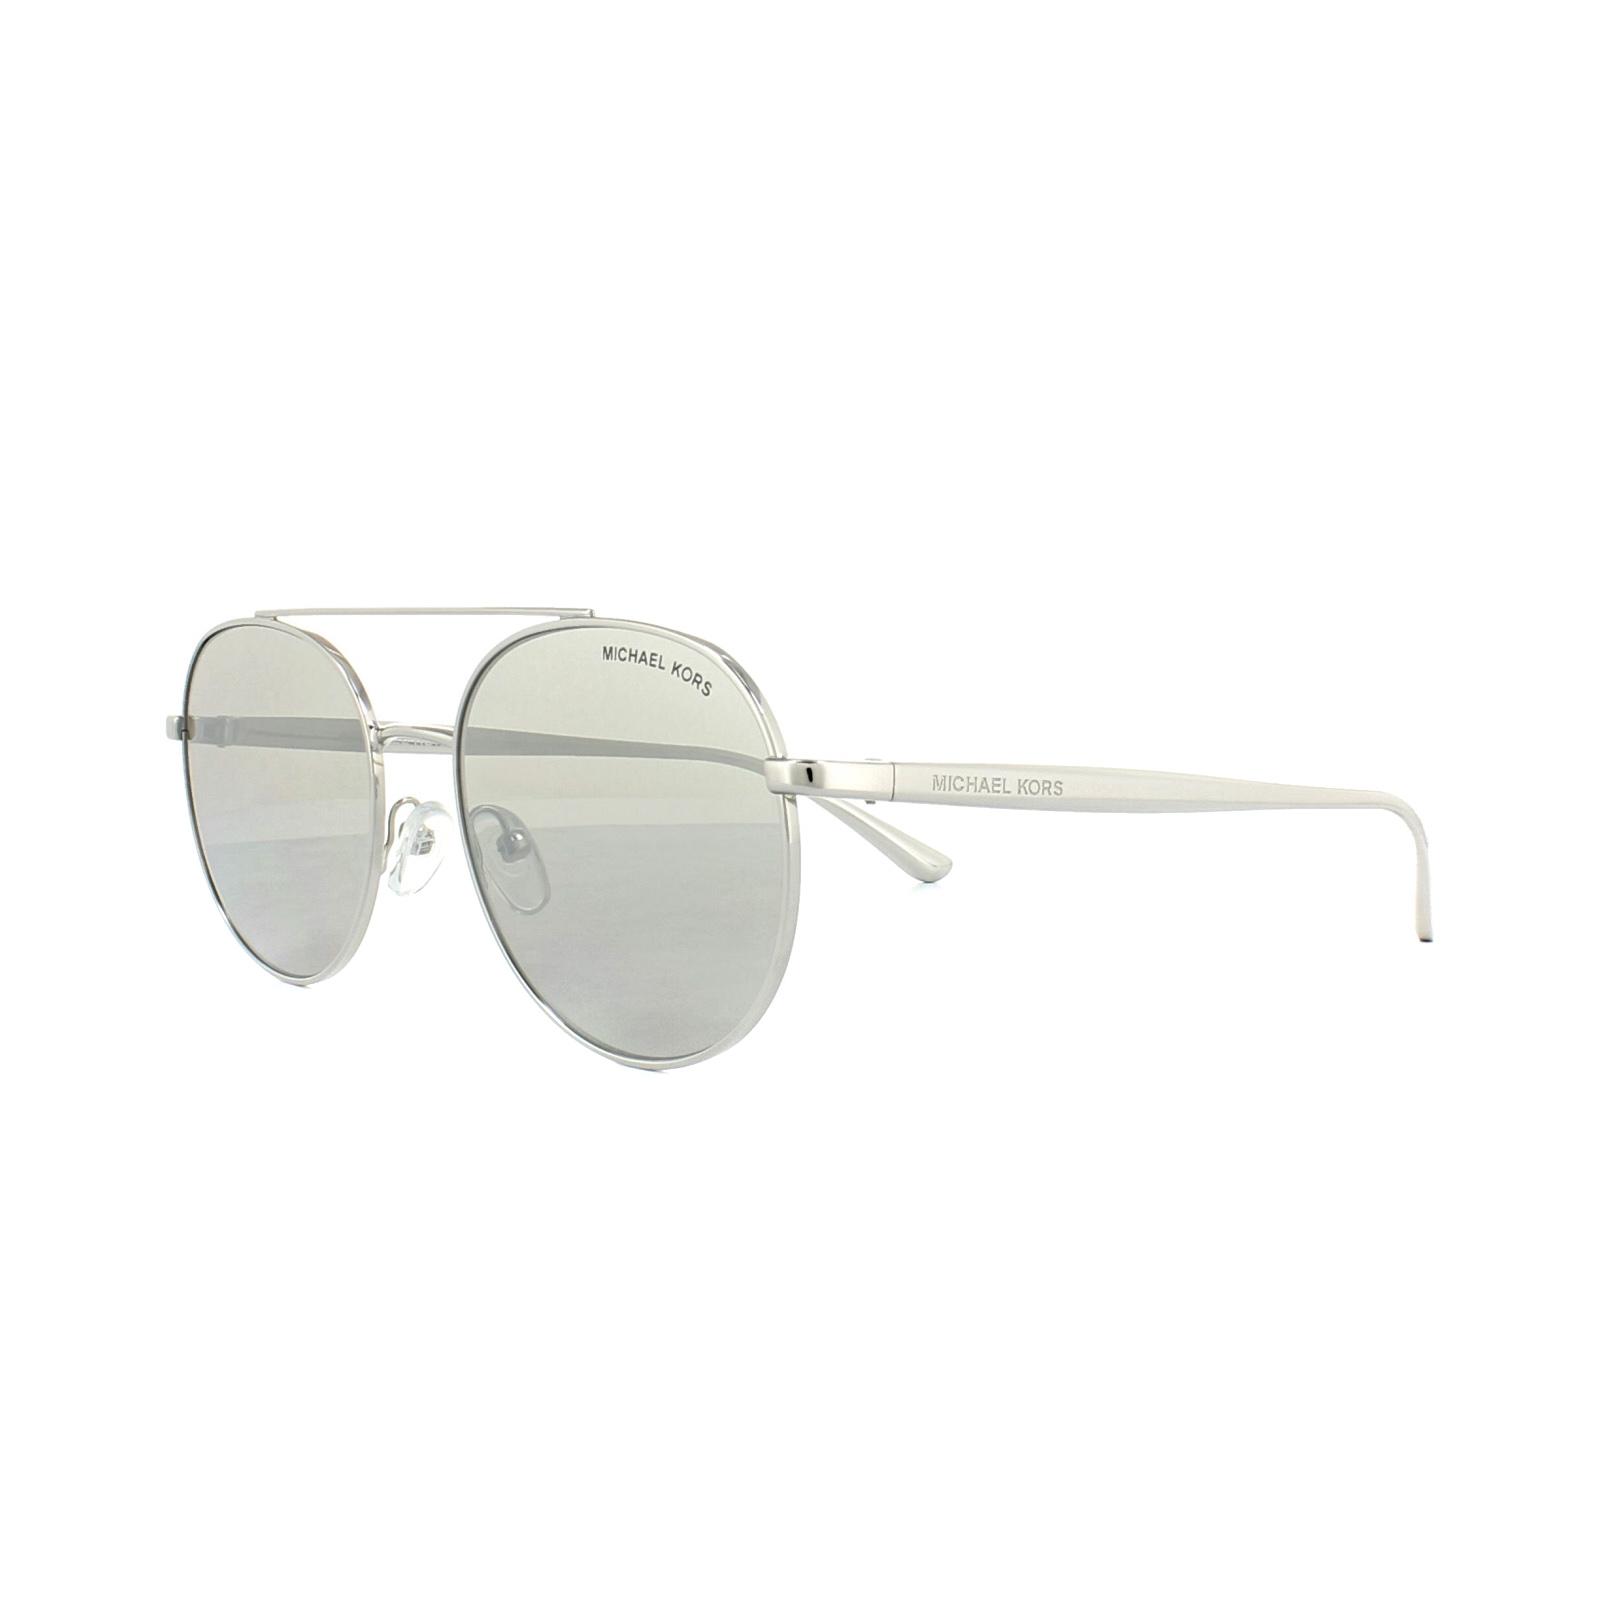 e36876522d755 Sentinel Michael Kors Sunglasses Lon 1021 1001 6G Silver Silver Mirror